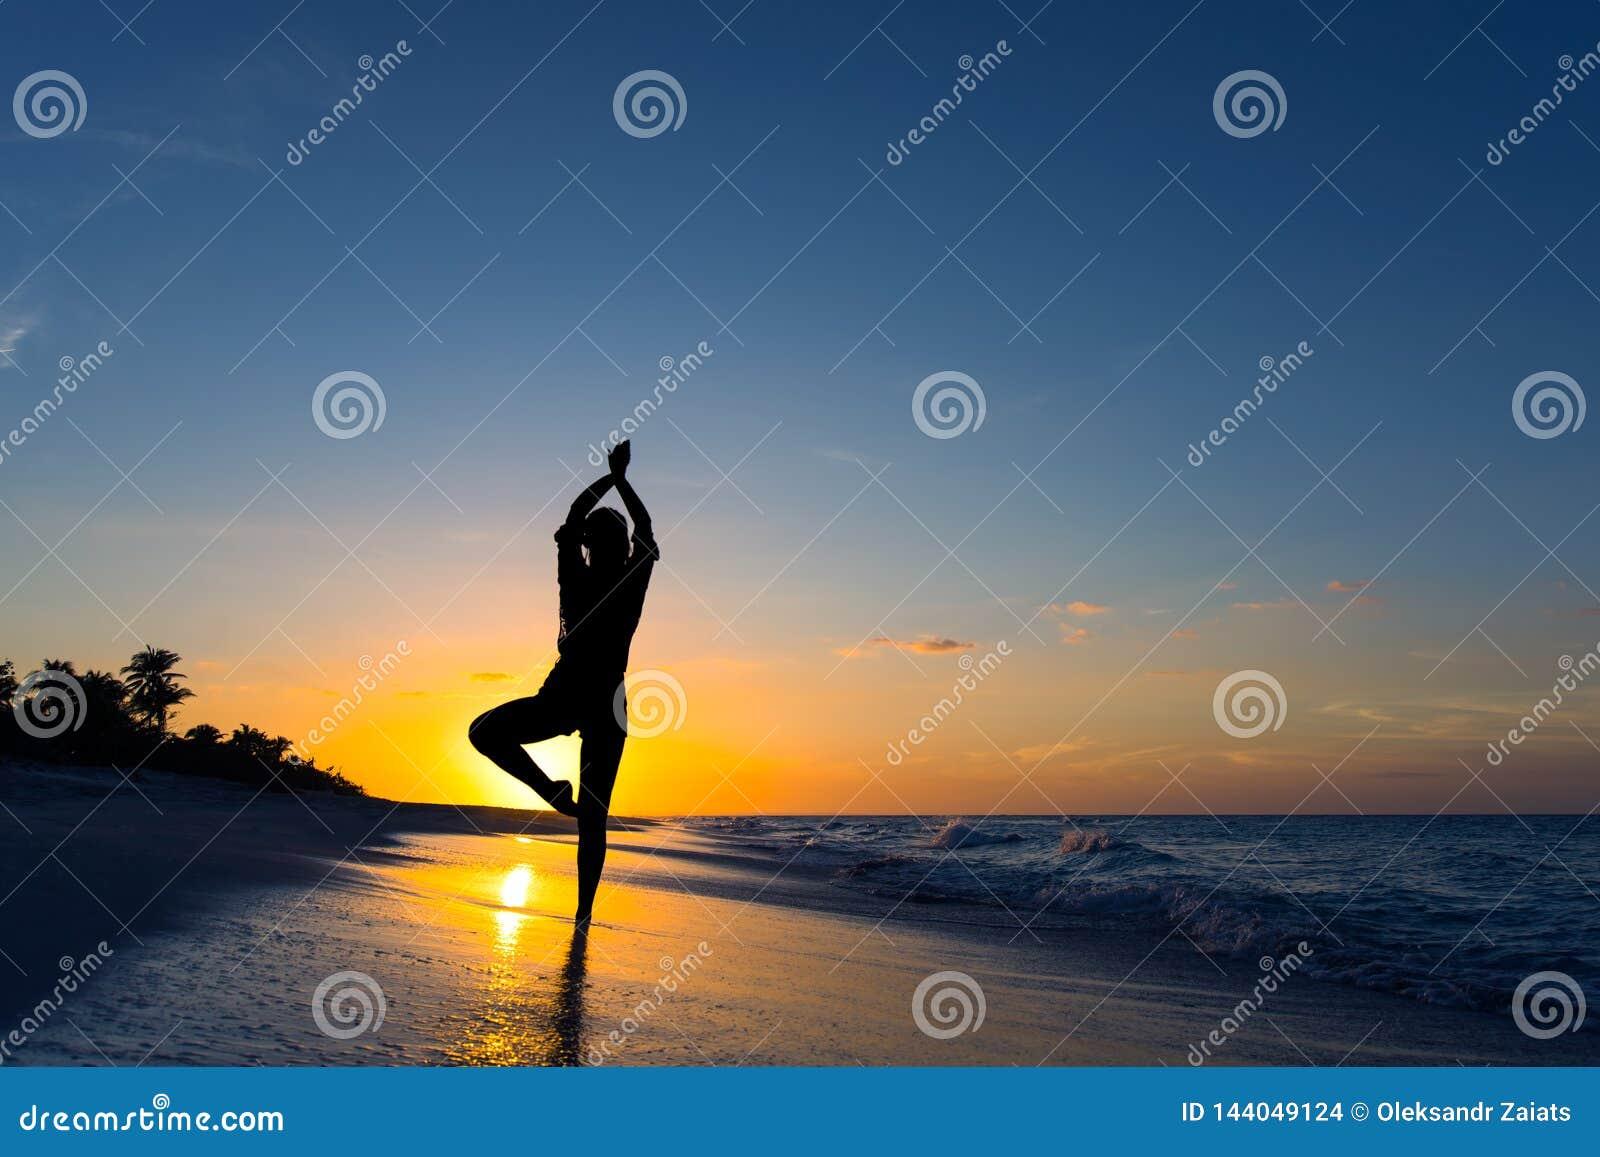 Pose da árvore do vrikshasana da ioga pela mulher na silhueta na praia com fundo do céu do por do sol Espaço livre para o texto